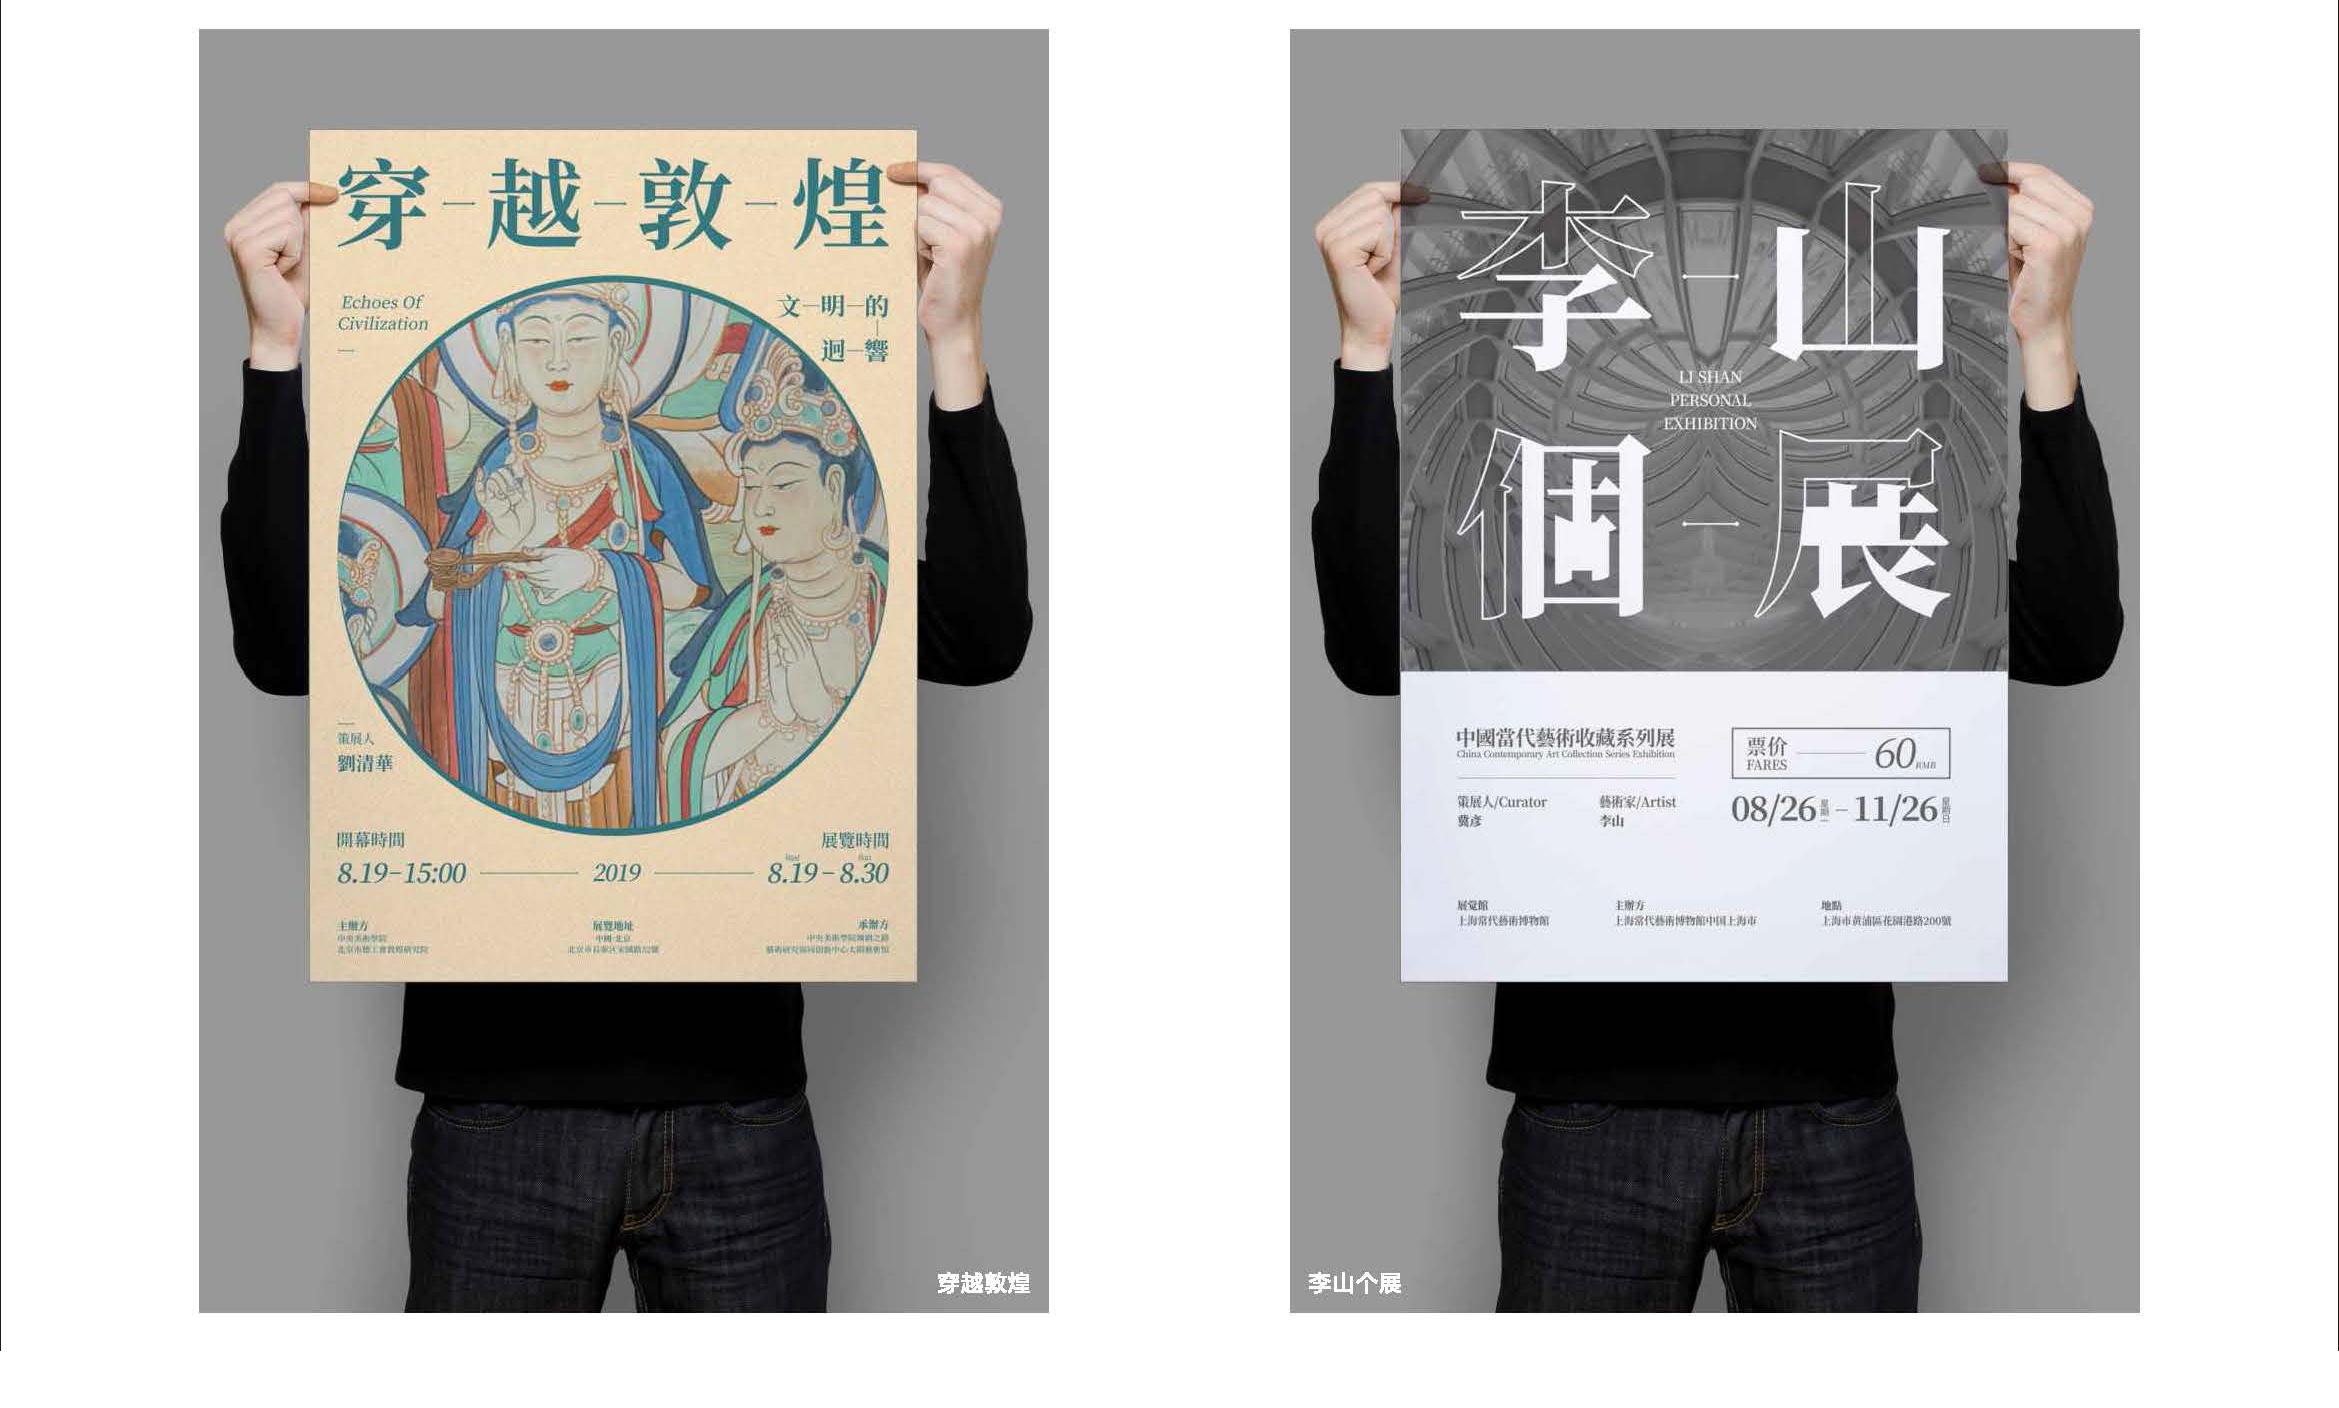 旅游休闲医美健康银行金融房产销售商场互联网平台车身广告设计